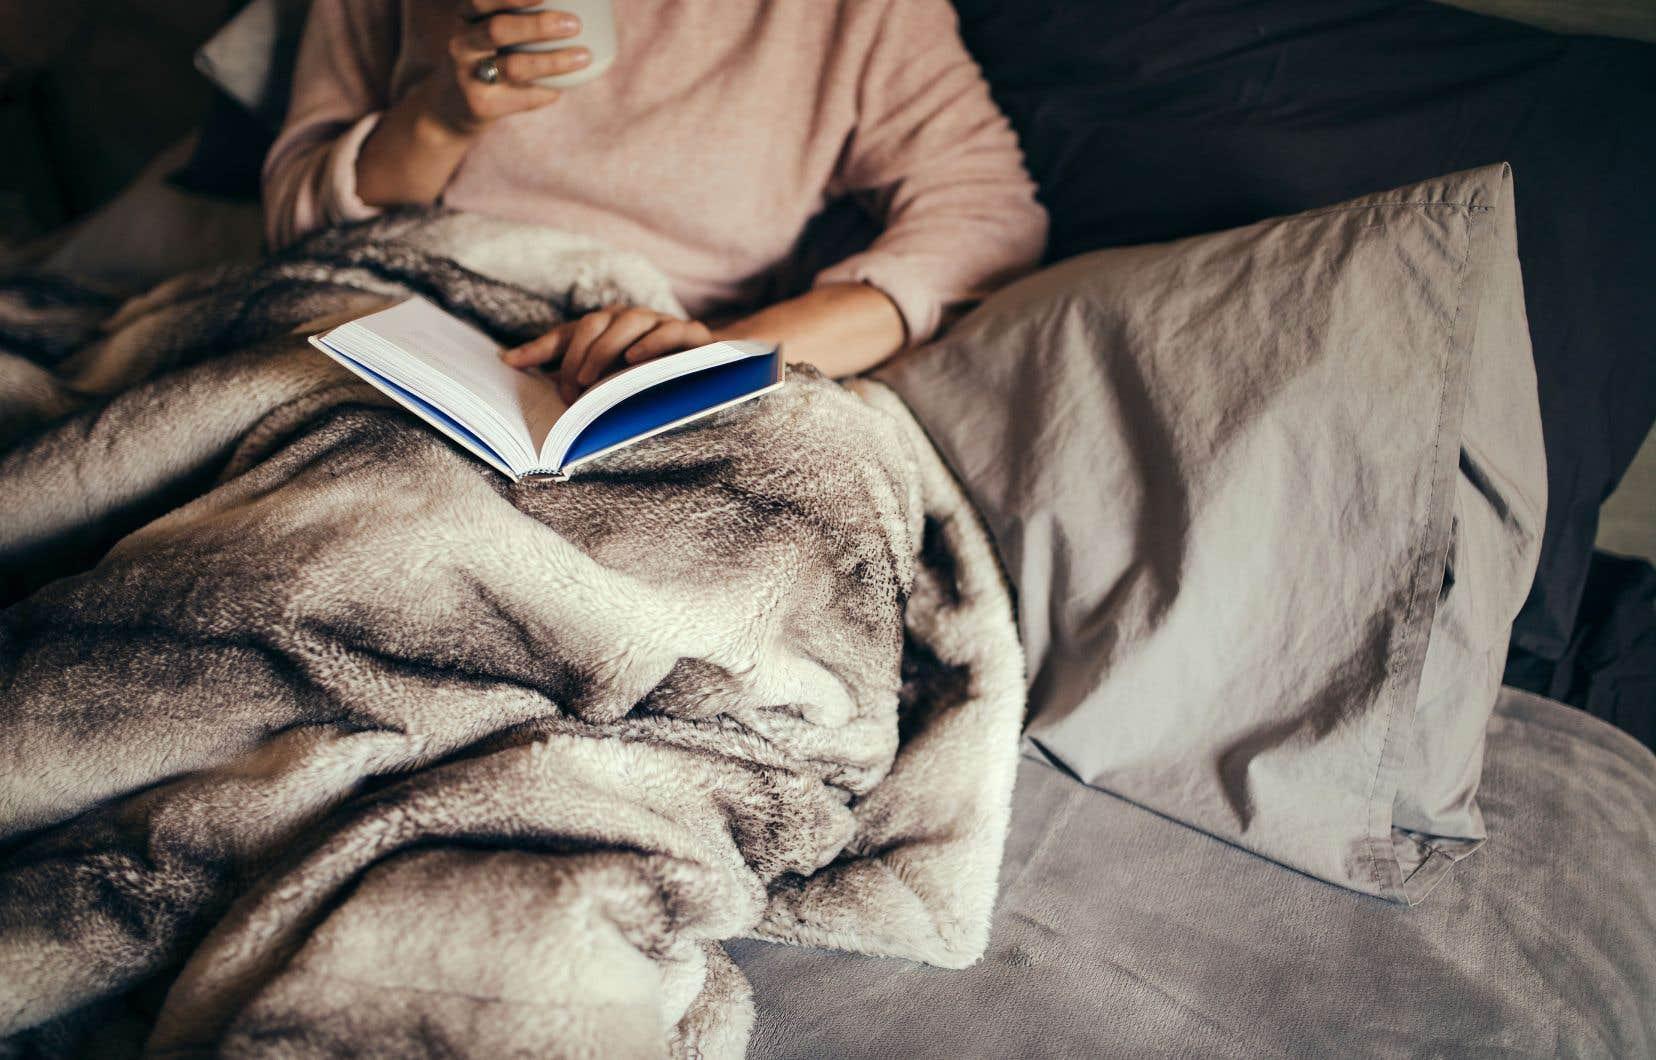 Une étude menée en 2010 a prouvé que les employés qui avaient opté pour des vacances relaxantes sans voyager avaient un niveau de bonheur plus élevé. Ceux qui avaient planifié des vacances à l'étranger retournaient au travail… exactement dans le même état qu'avant de partir.